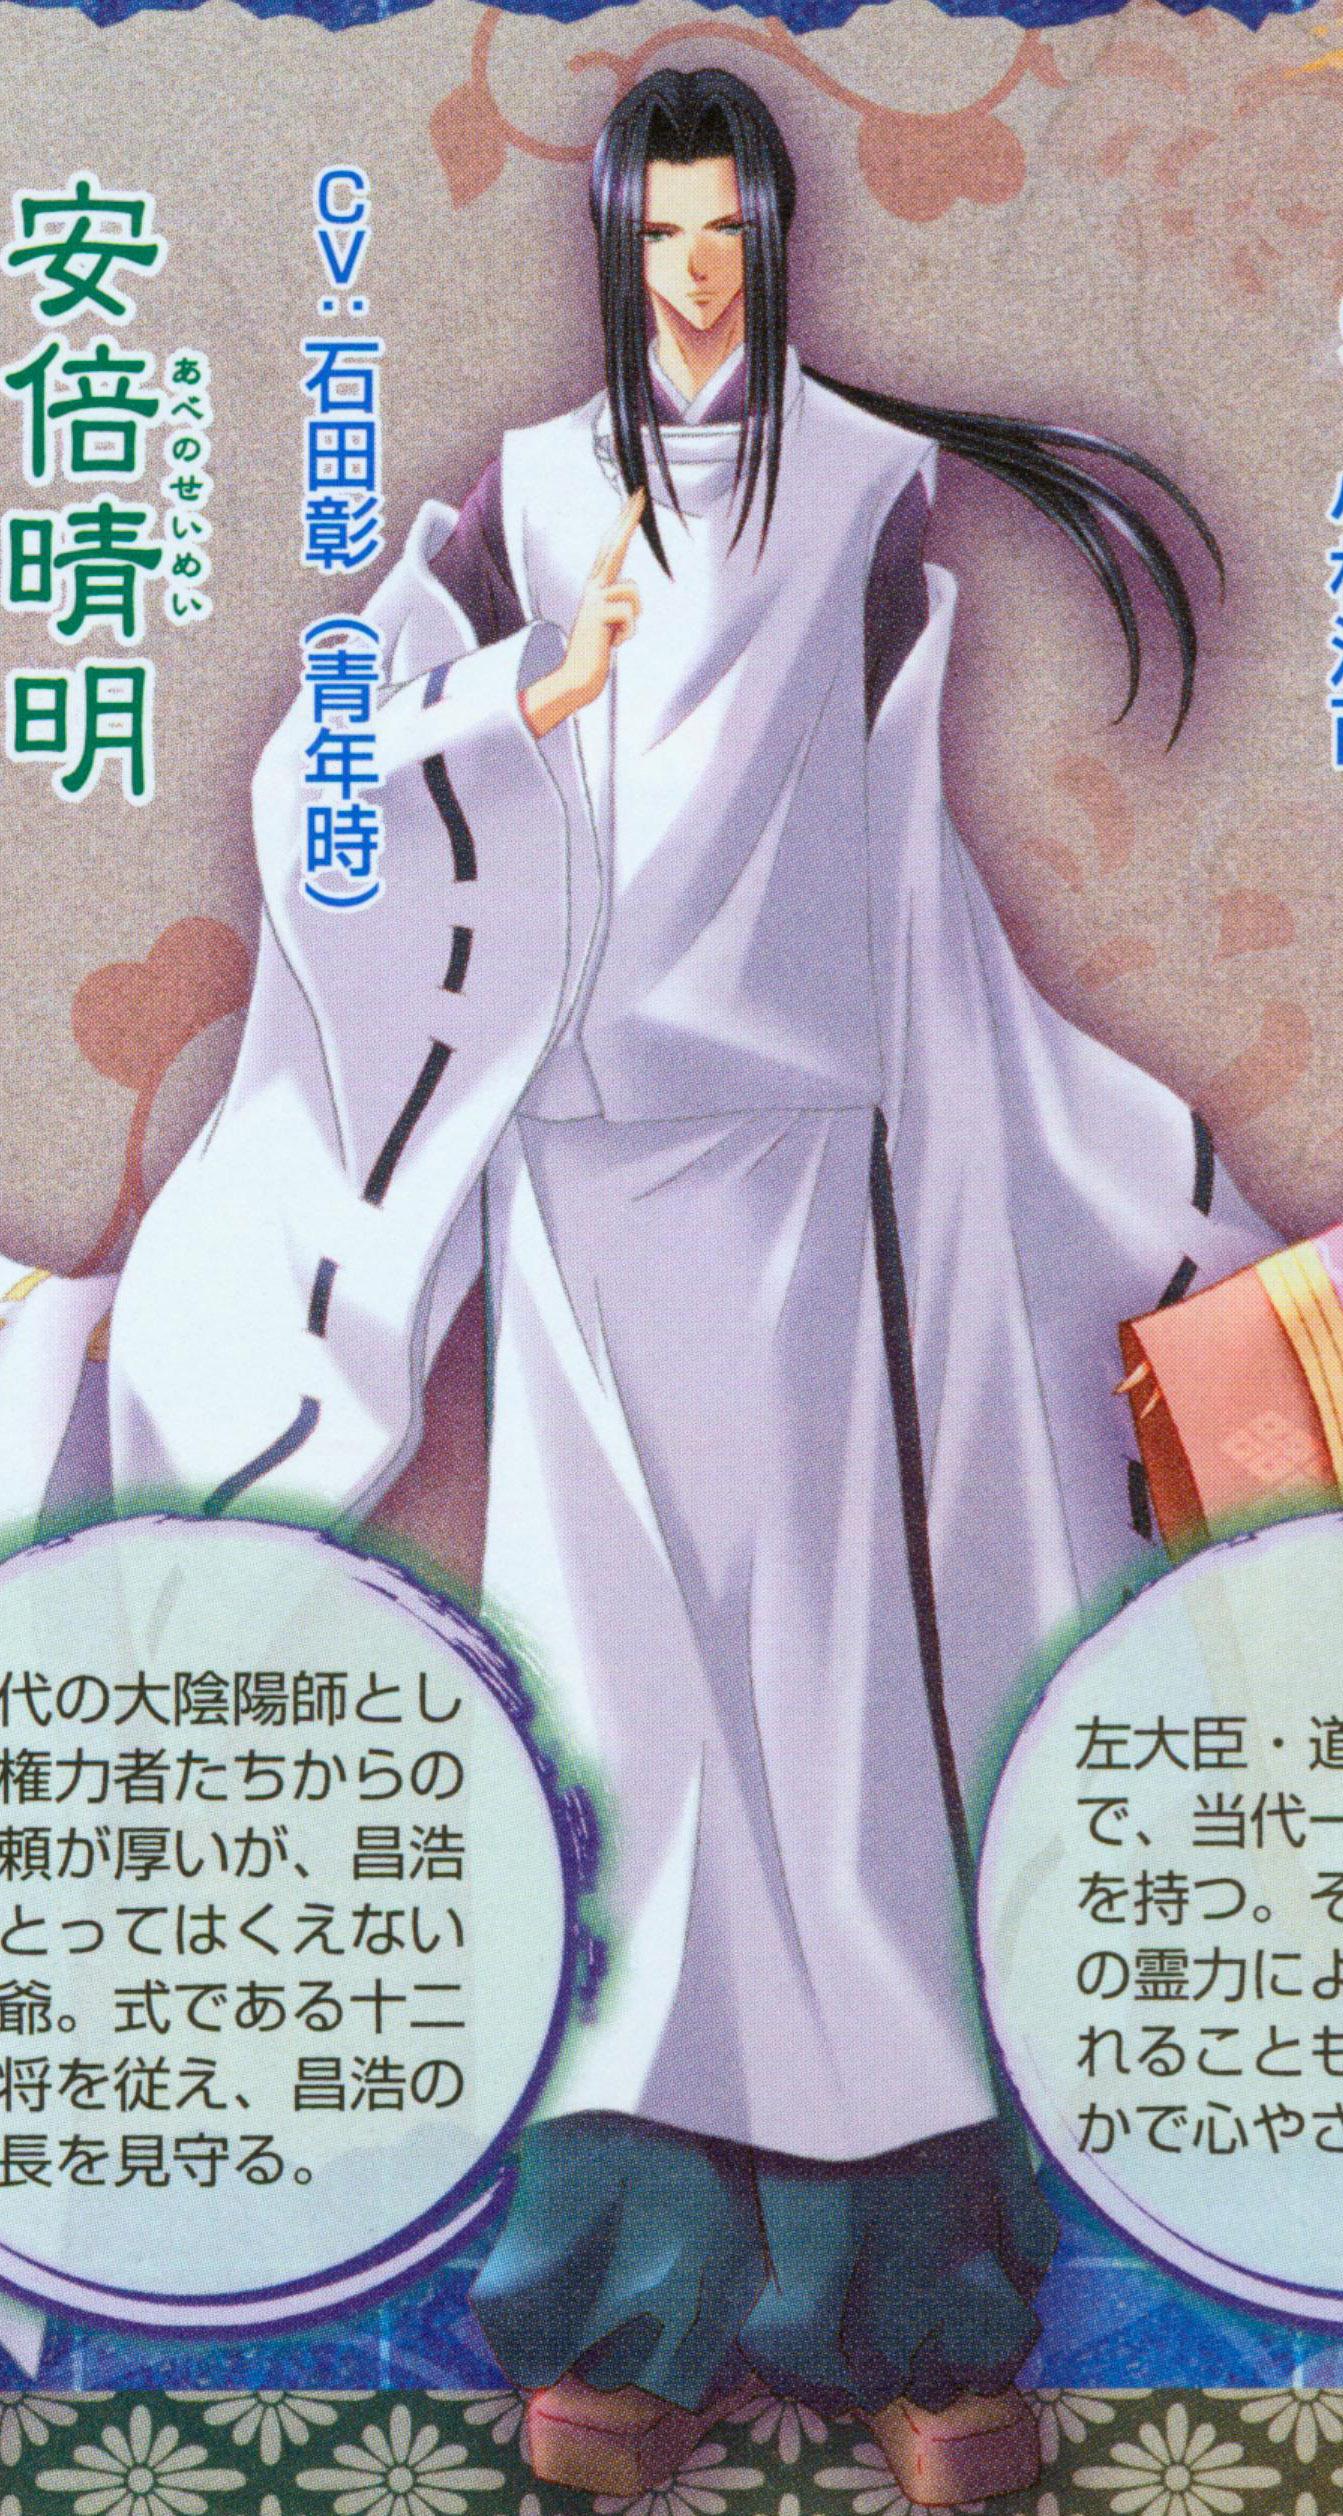 http://ami.animecharactersdatabase.com/uploads/2576-150636846.jpg